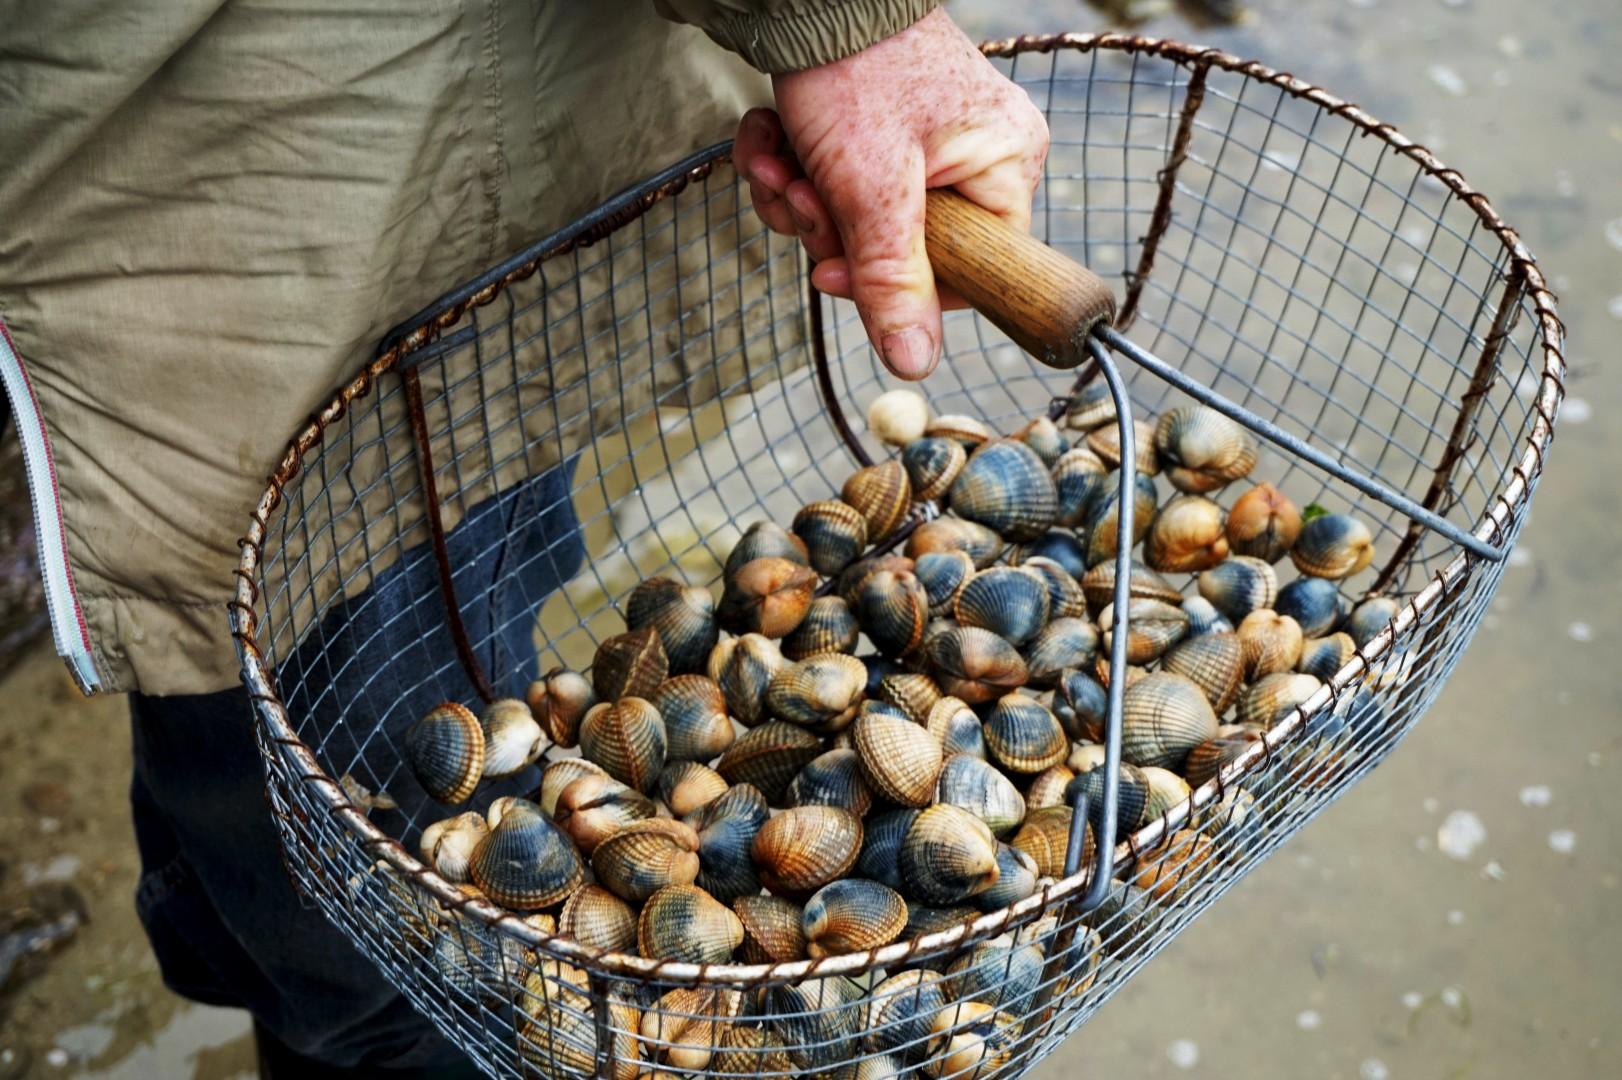 Vacances dans le Finistère Sud - Pêche aux coques